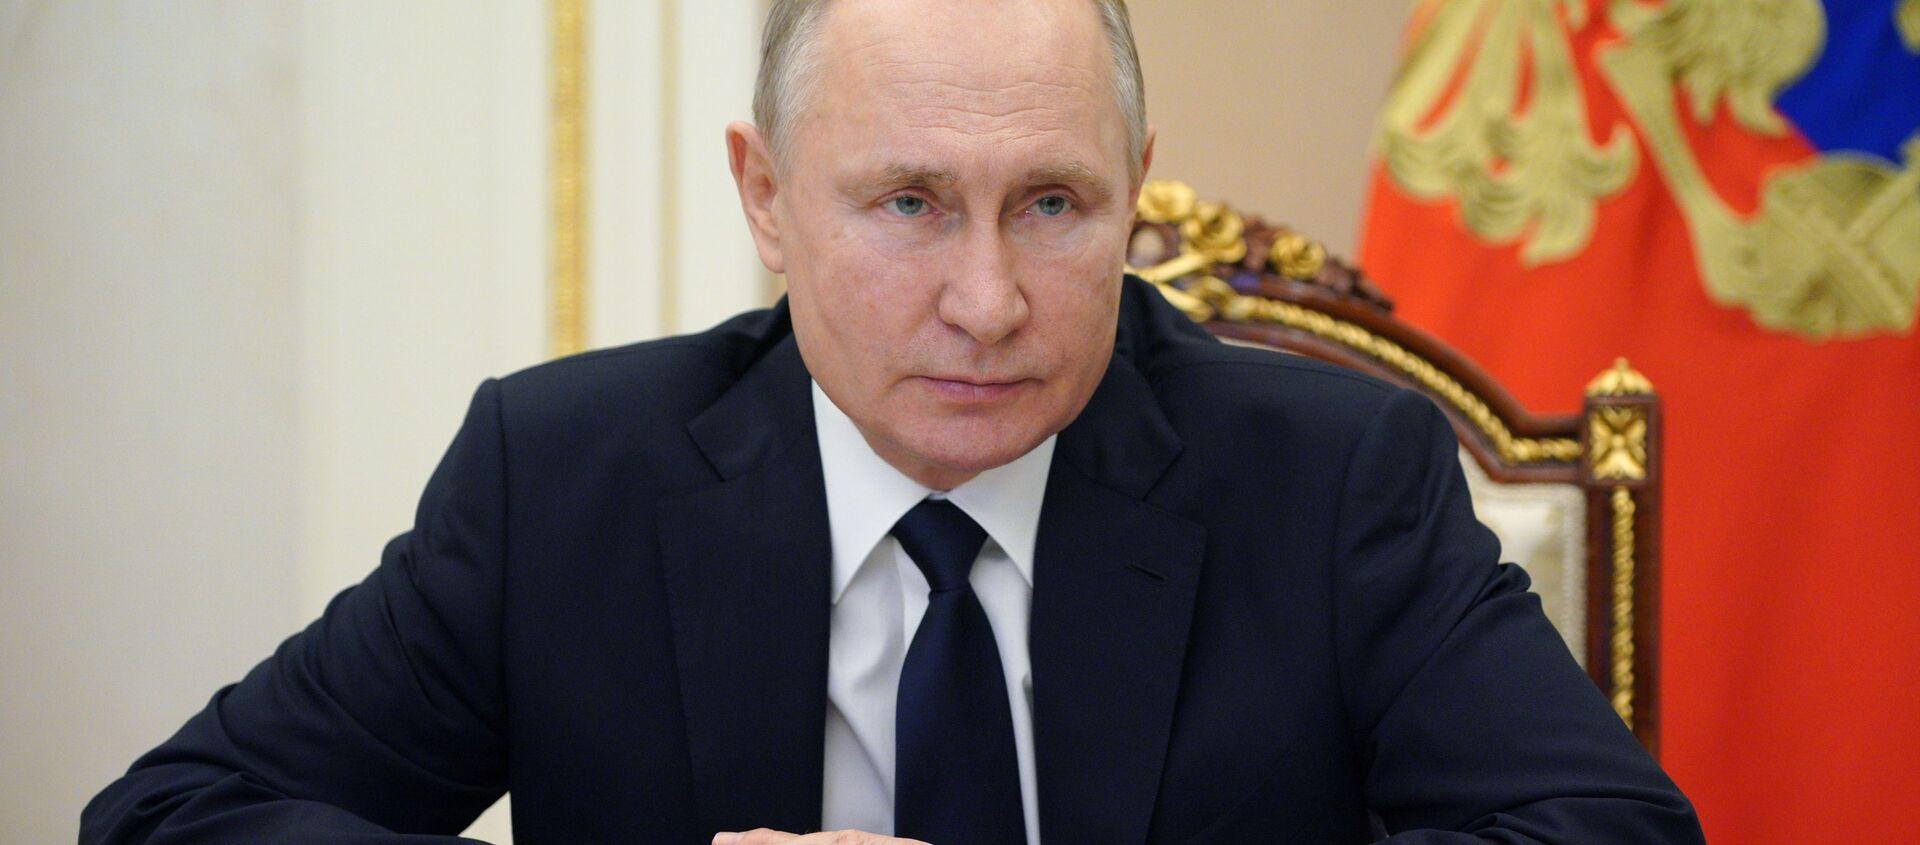 Президент России Владимир Путин - Sputnik Беларусь, 1920, 14.04.2021